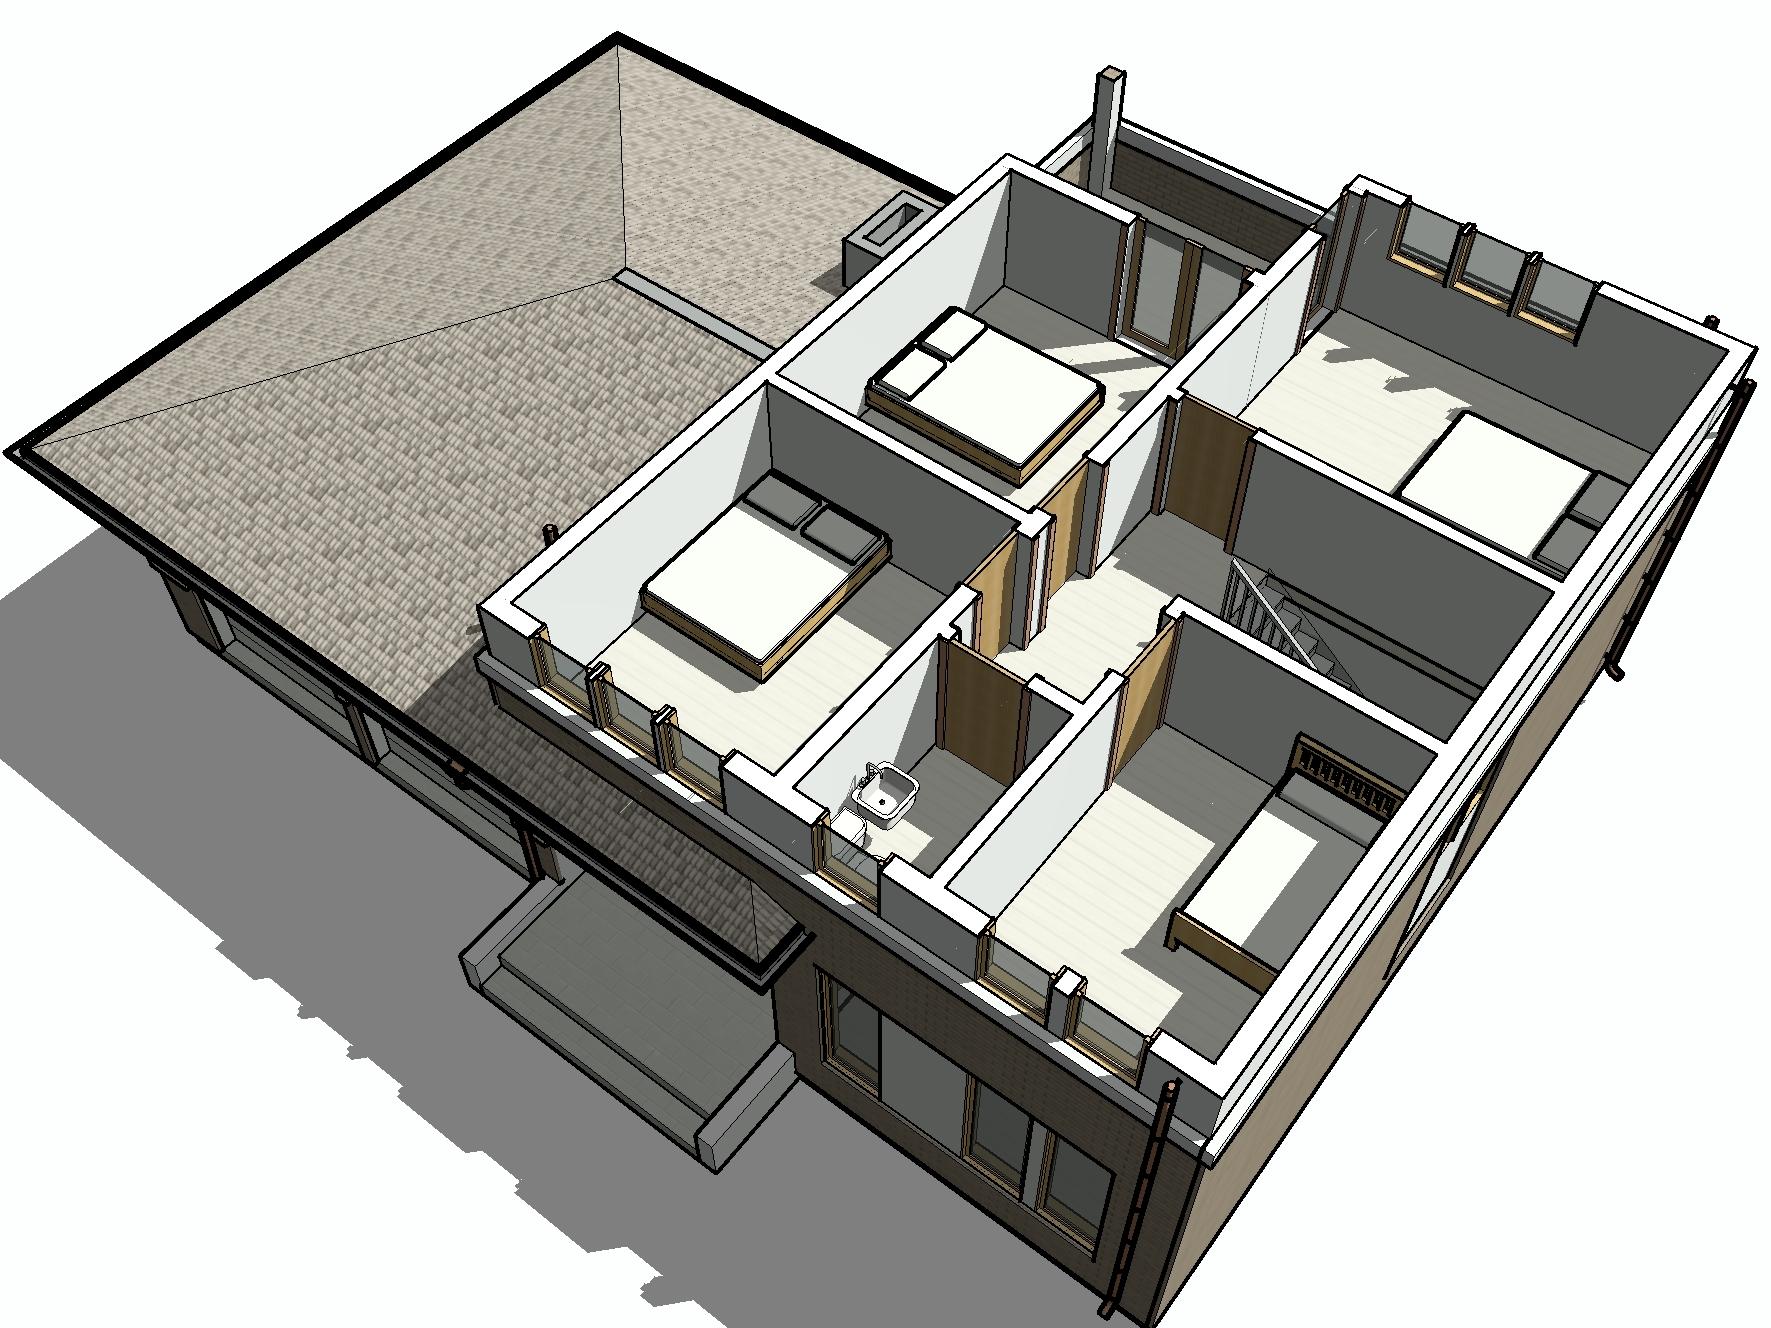 КД-29 - общий вид 2-го этажа